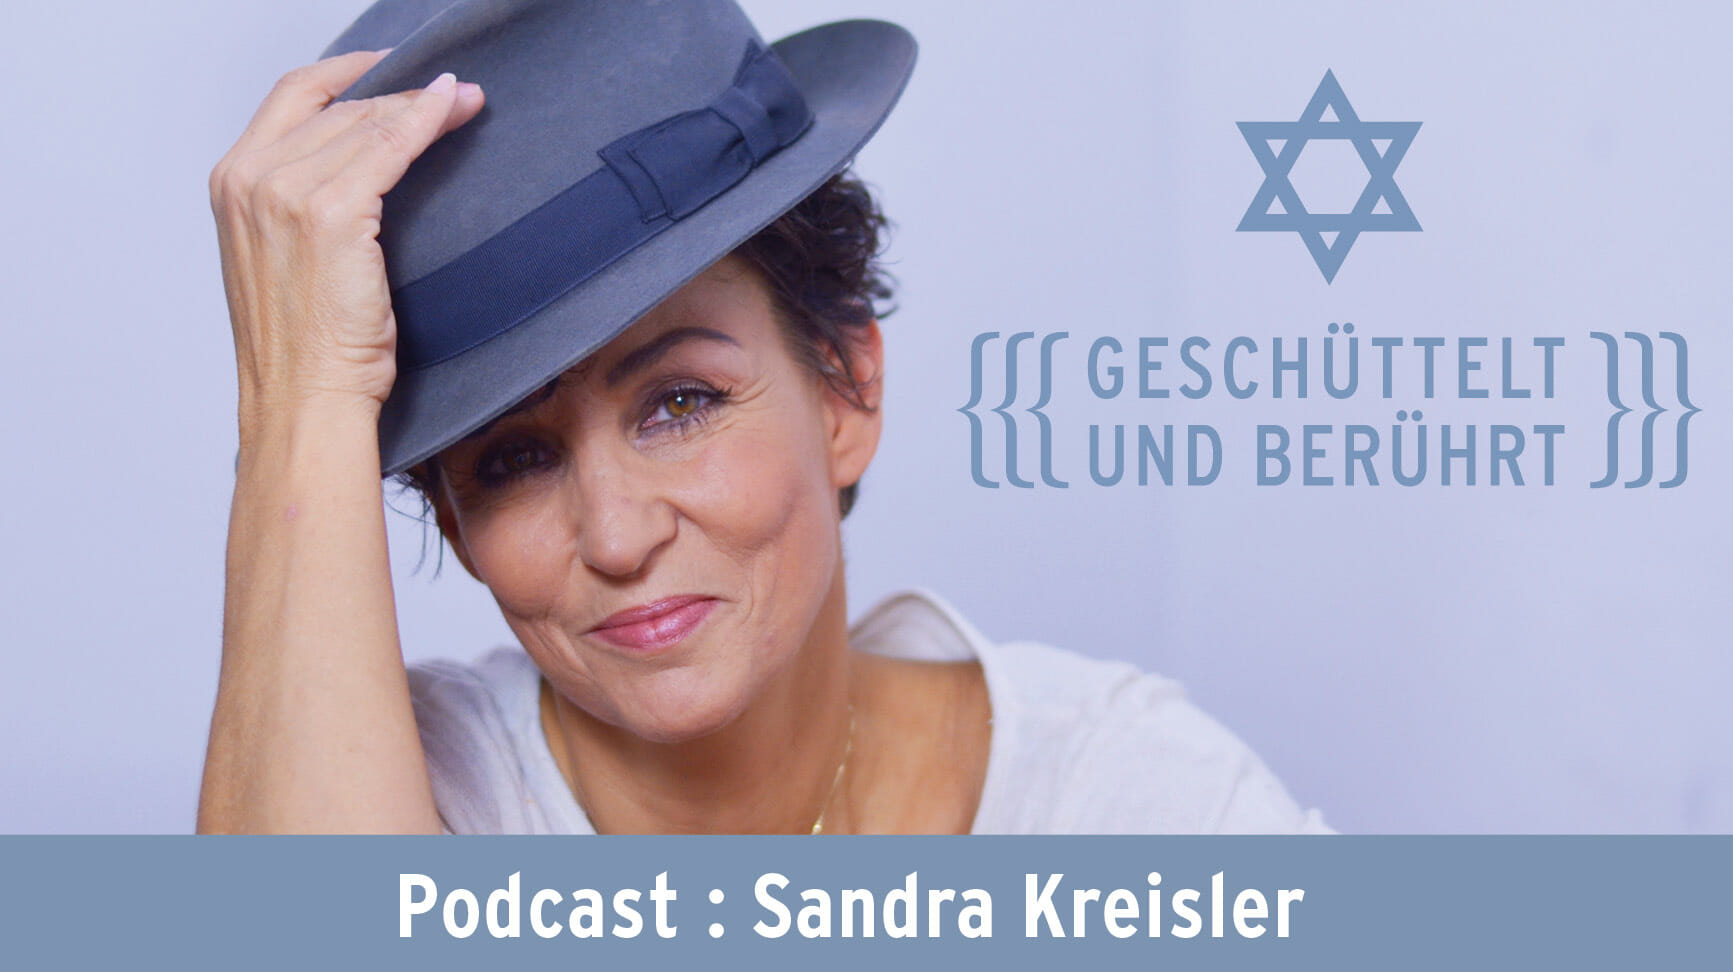 Podcast Sandra Kreisler